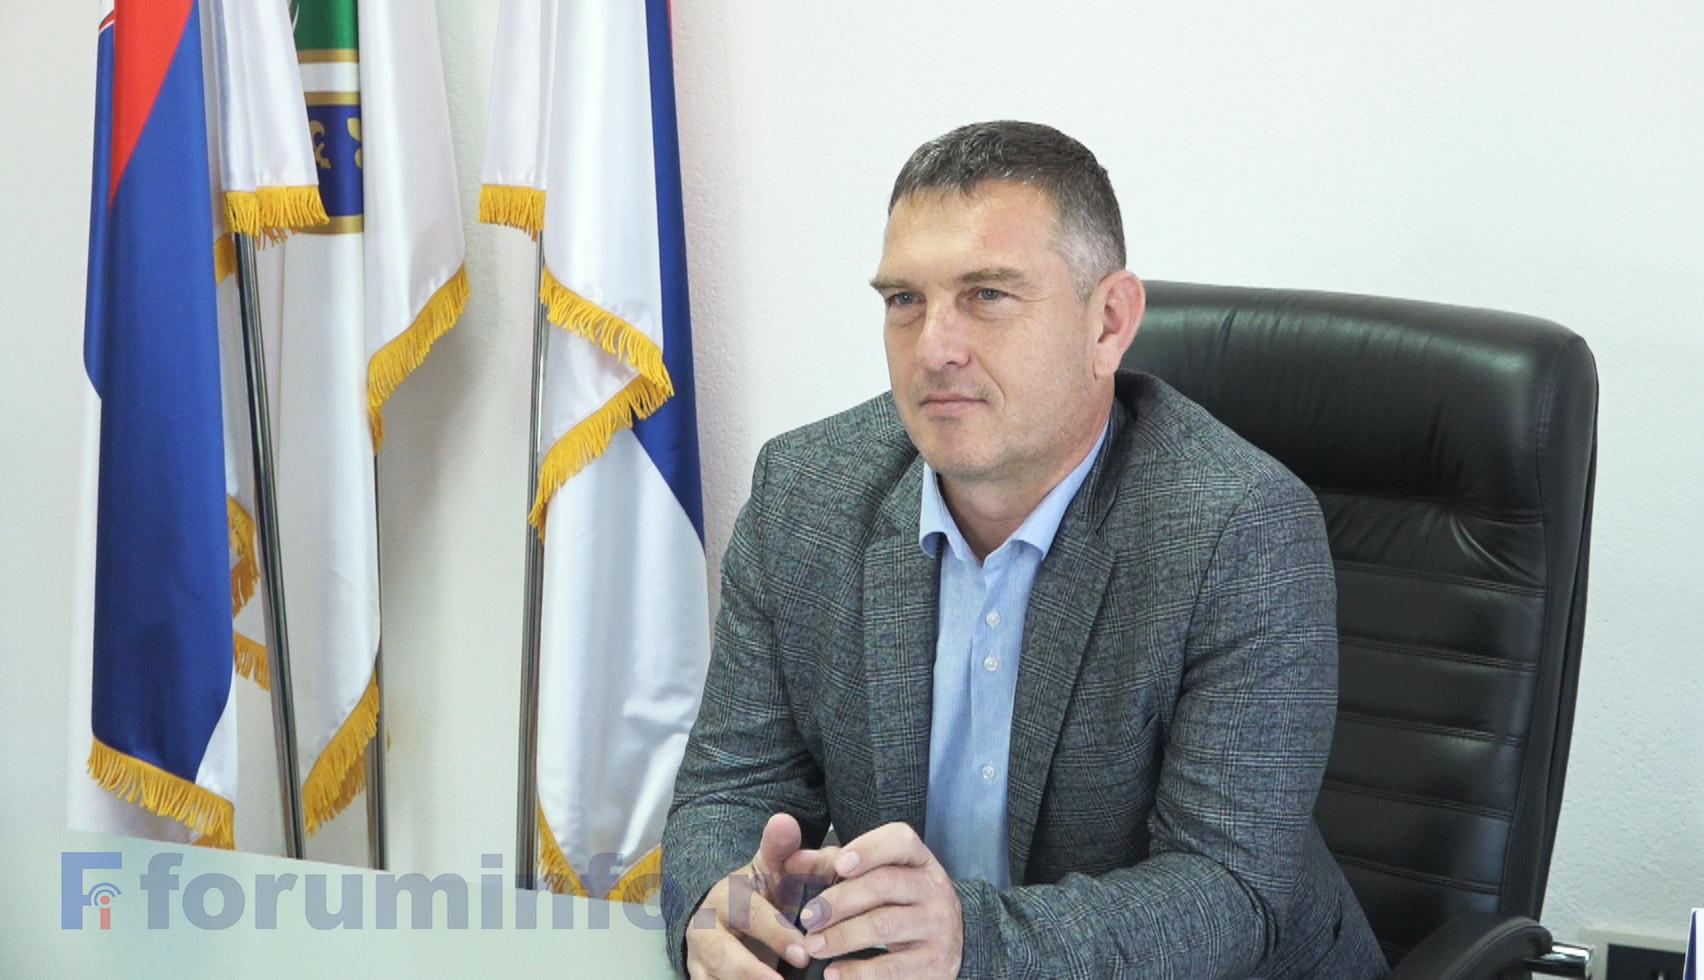 Владимир Бабић, председник Општине: Нисмо најспремније дочекали снег, али смо брзо реаговали и очистили путеве